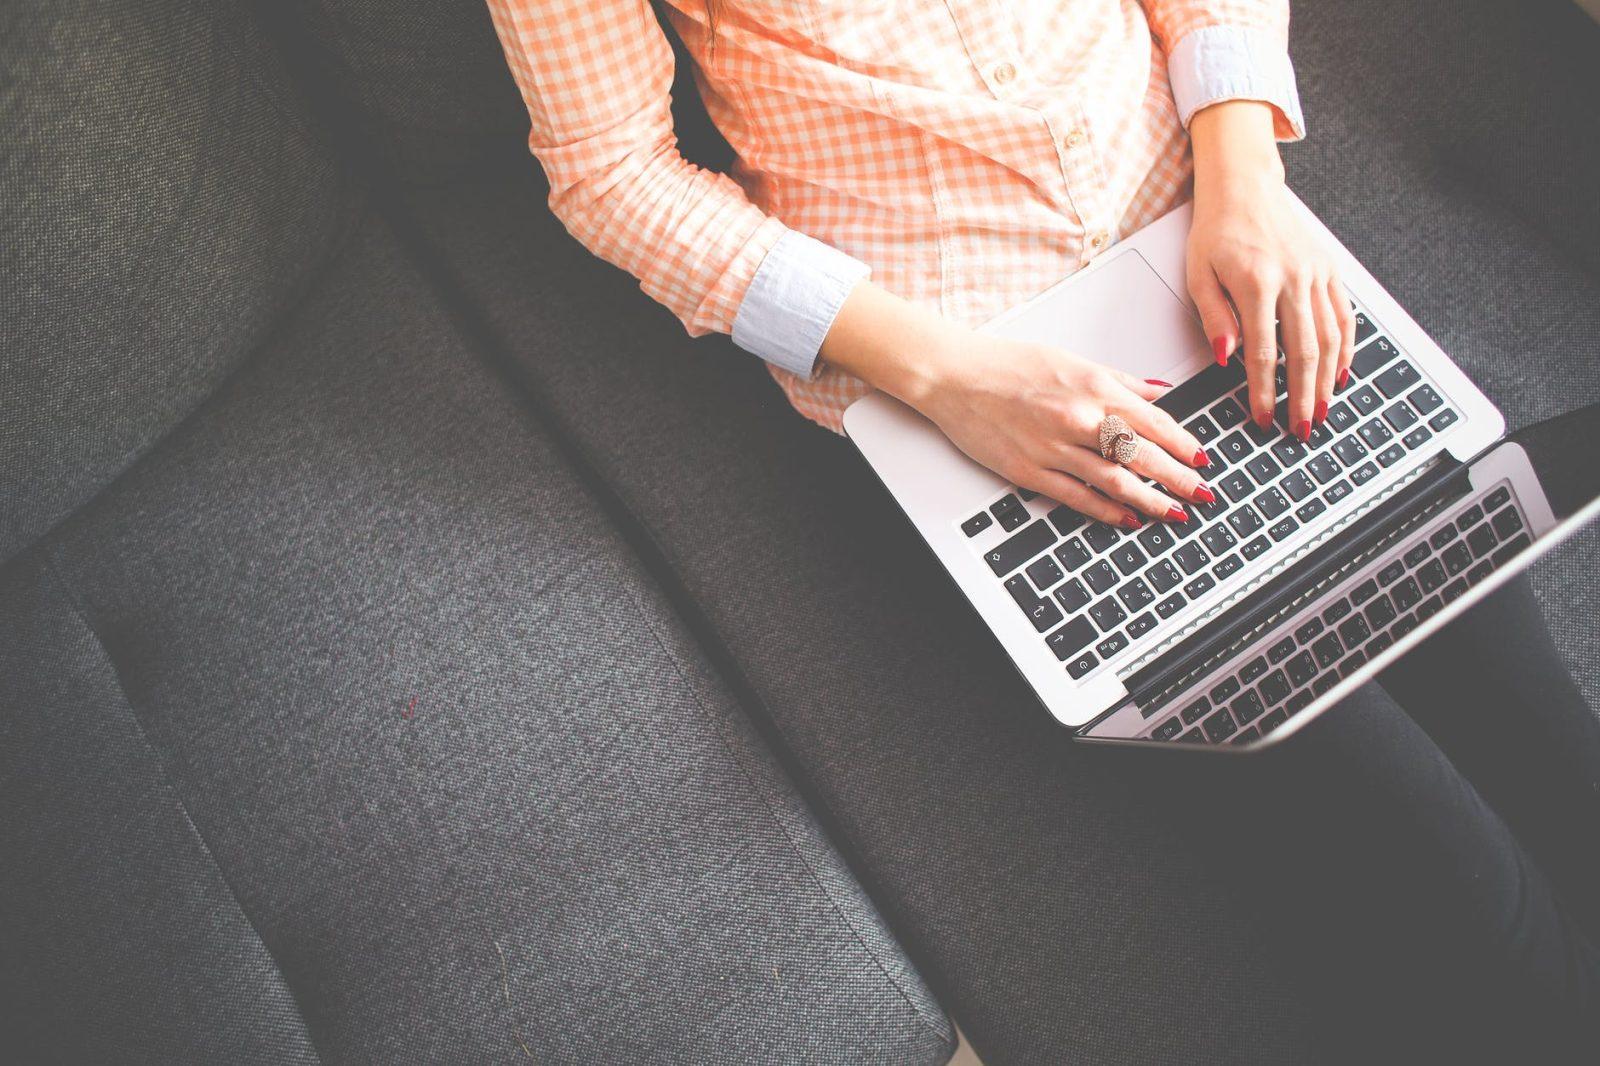 5 טיפים למקורות הכנסה: איך לייצר הכנסה נוספת מהבלוג שלכם